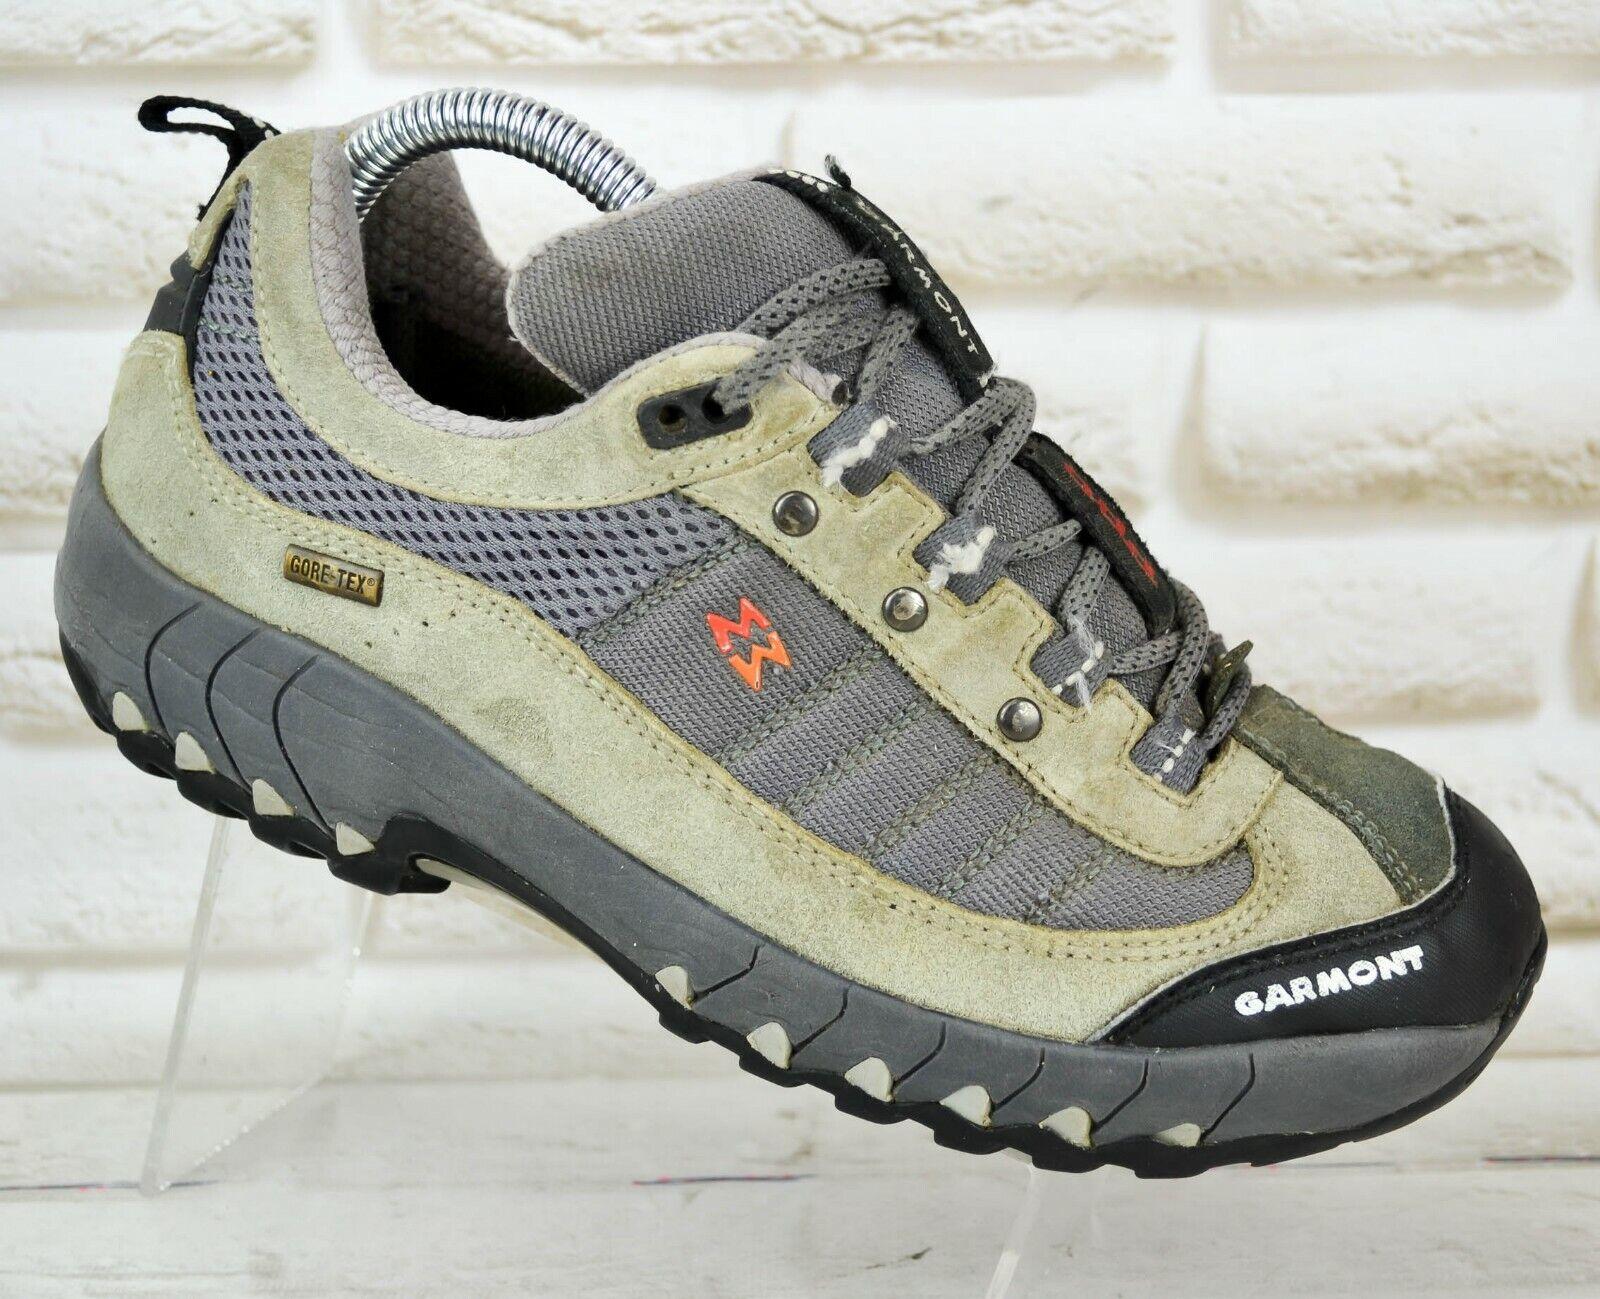 Garmont botas de Exteriores Trekking añadir GTX para Mujer Impermeable  Talla 5.5 38.5 EU  venta caliente en línea